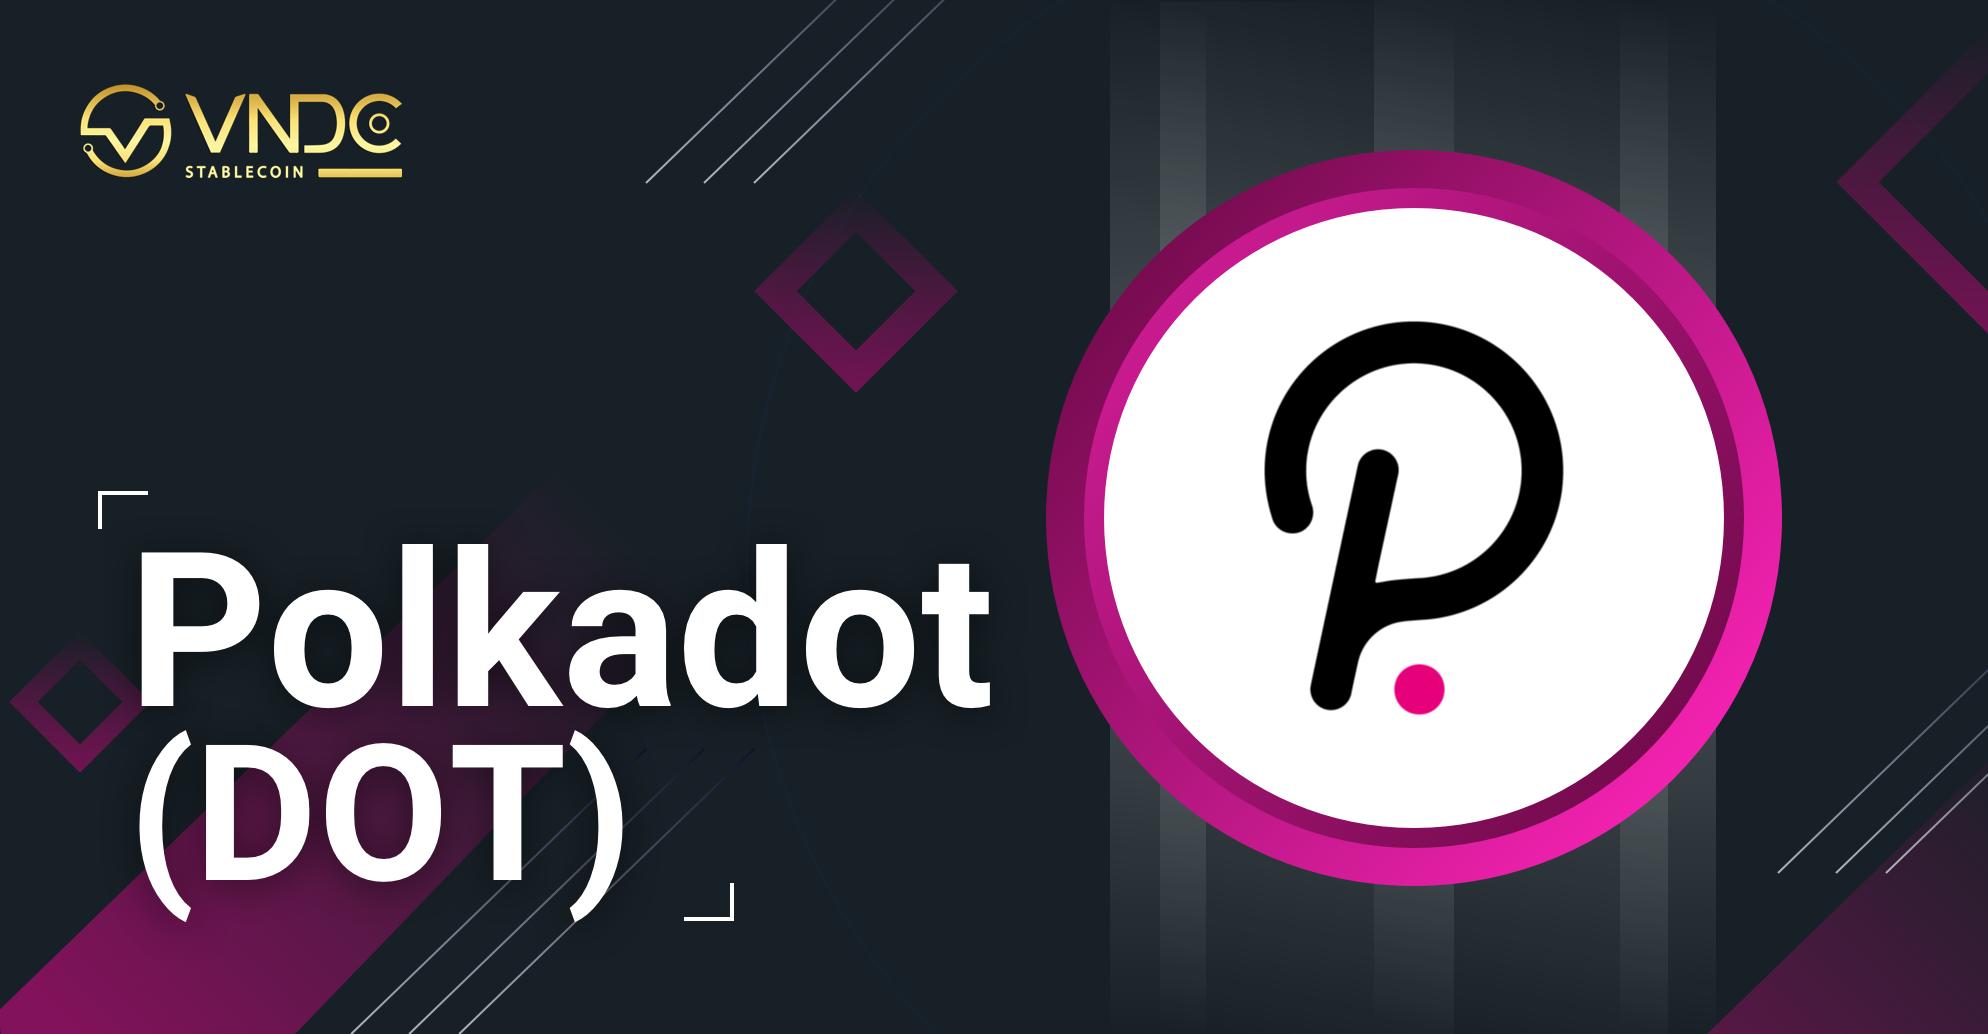 Polkadot (DOT) chính thức được niêm yết trên VNDC Wallet